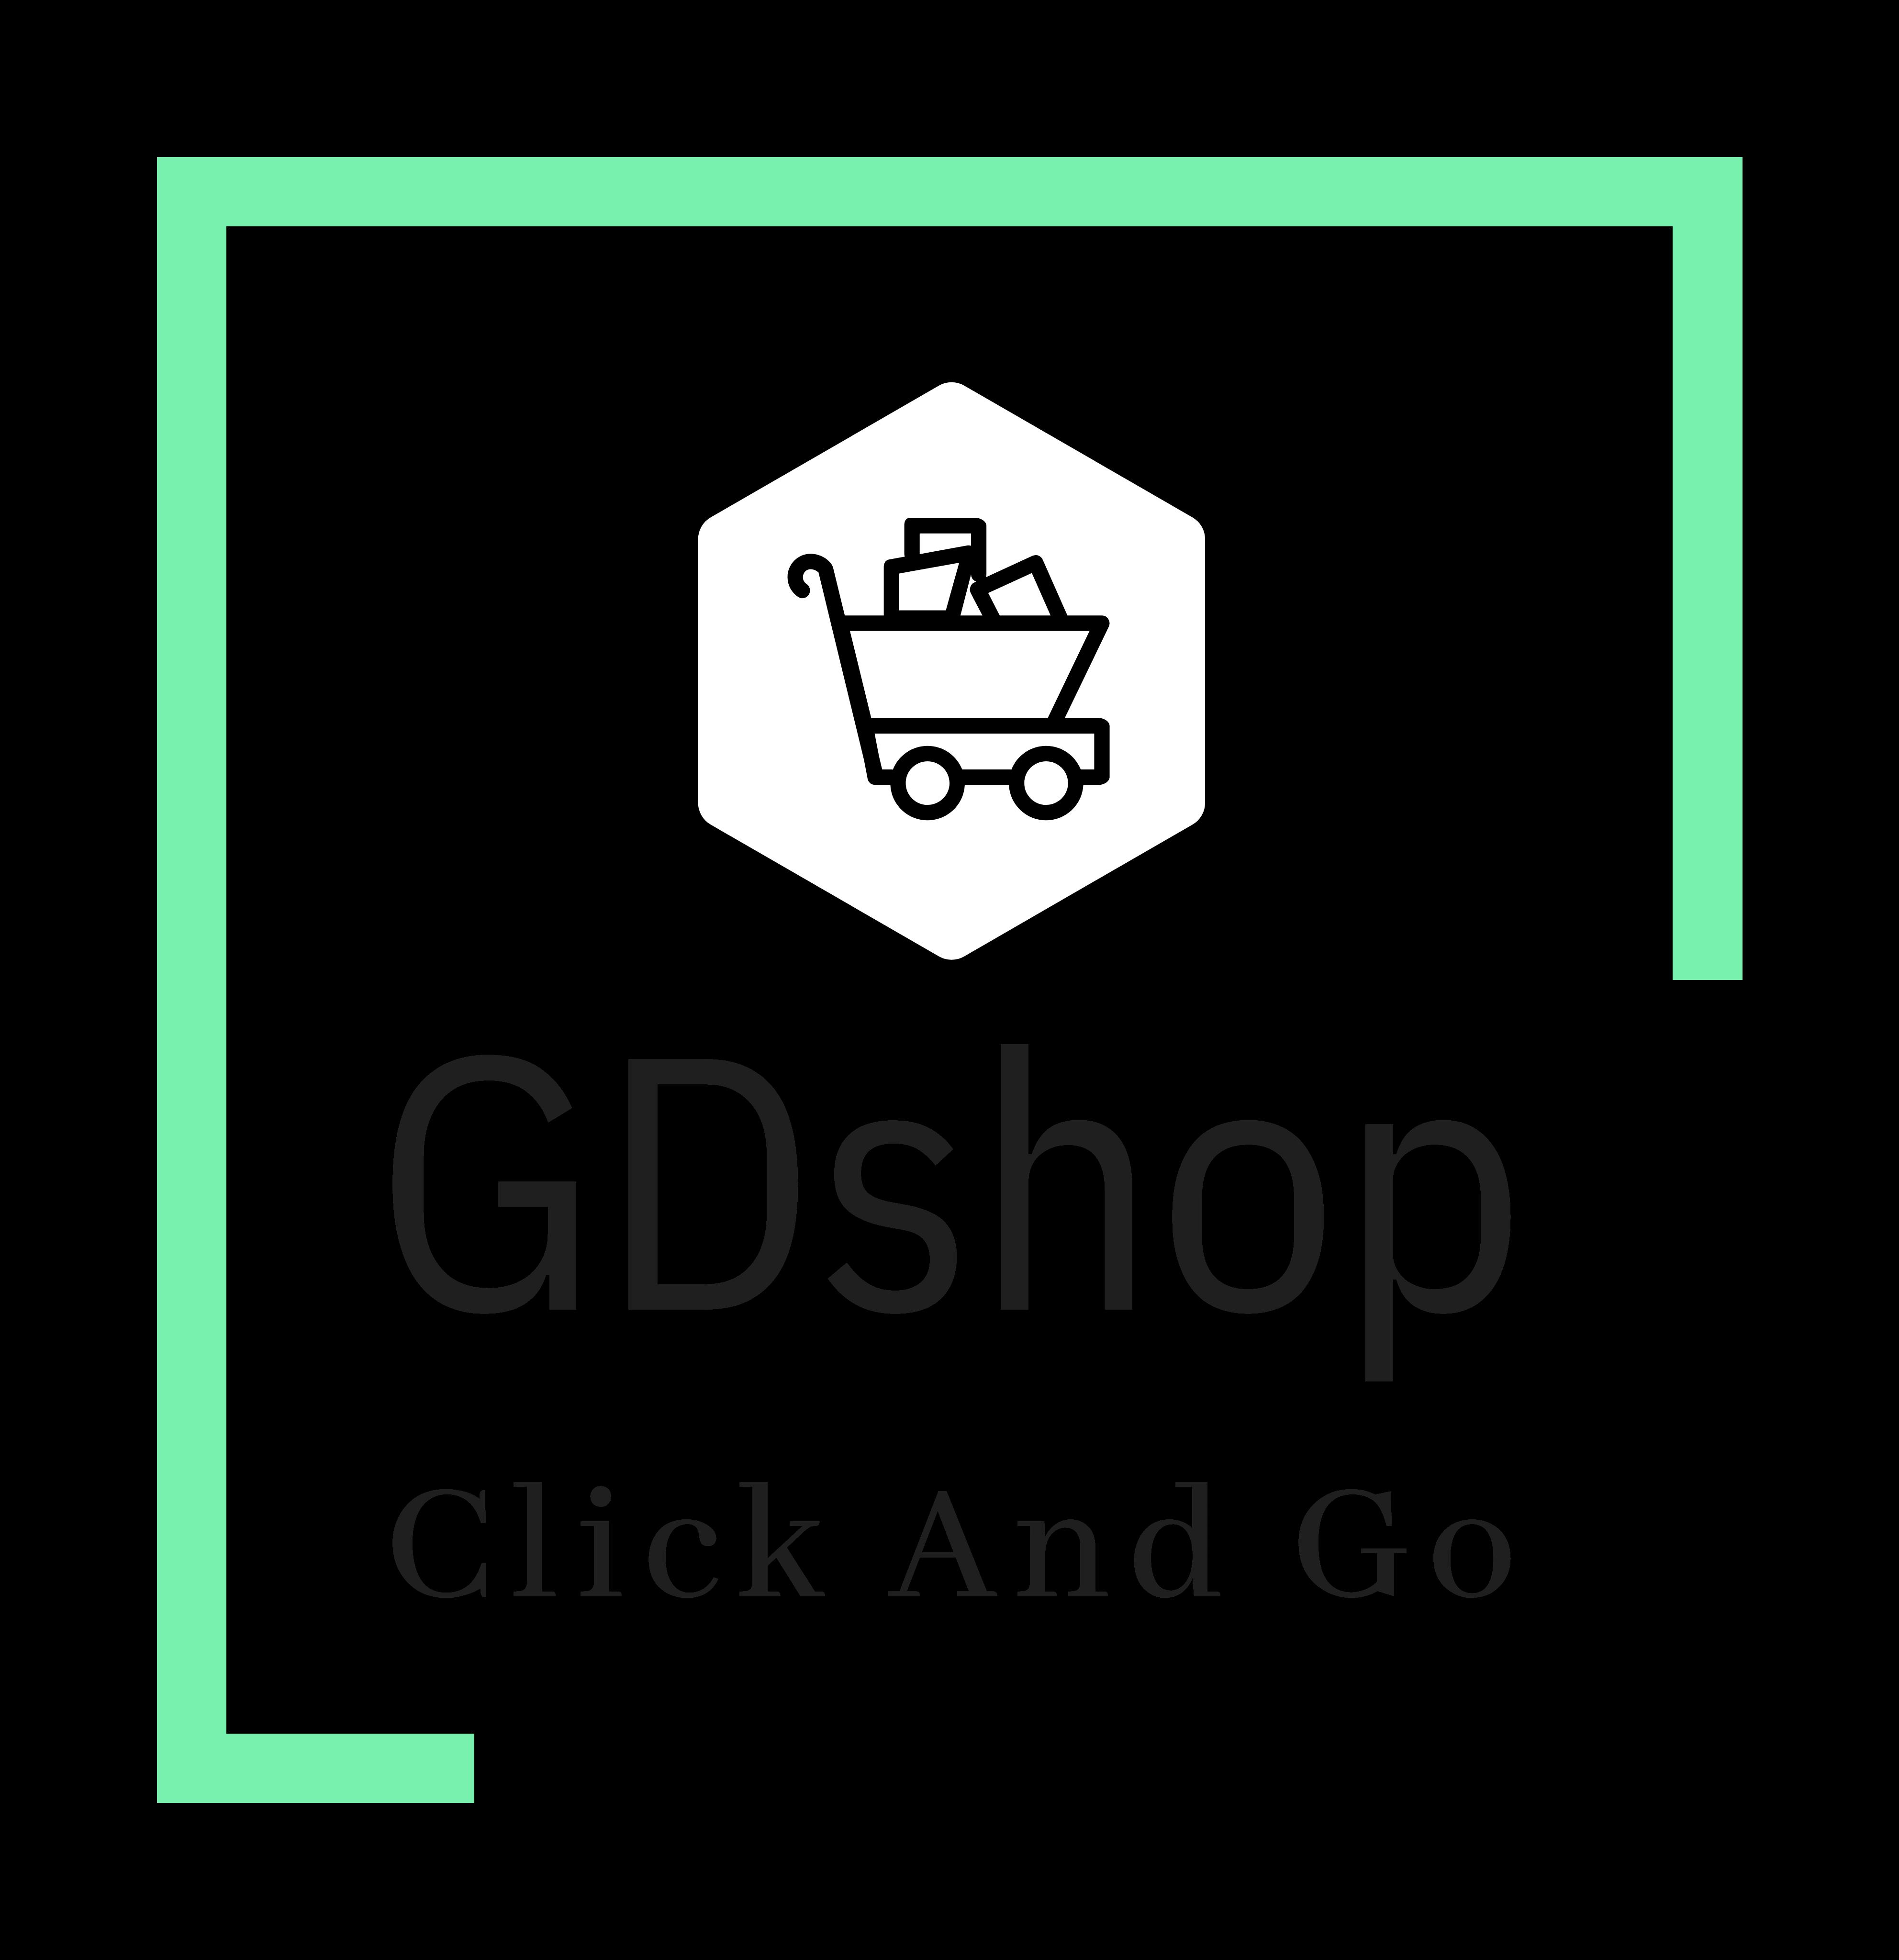 GDSHOP